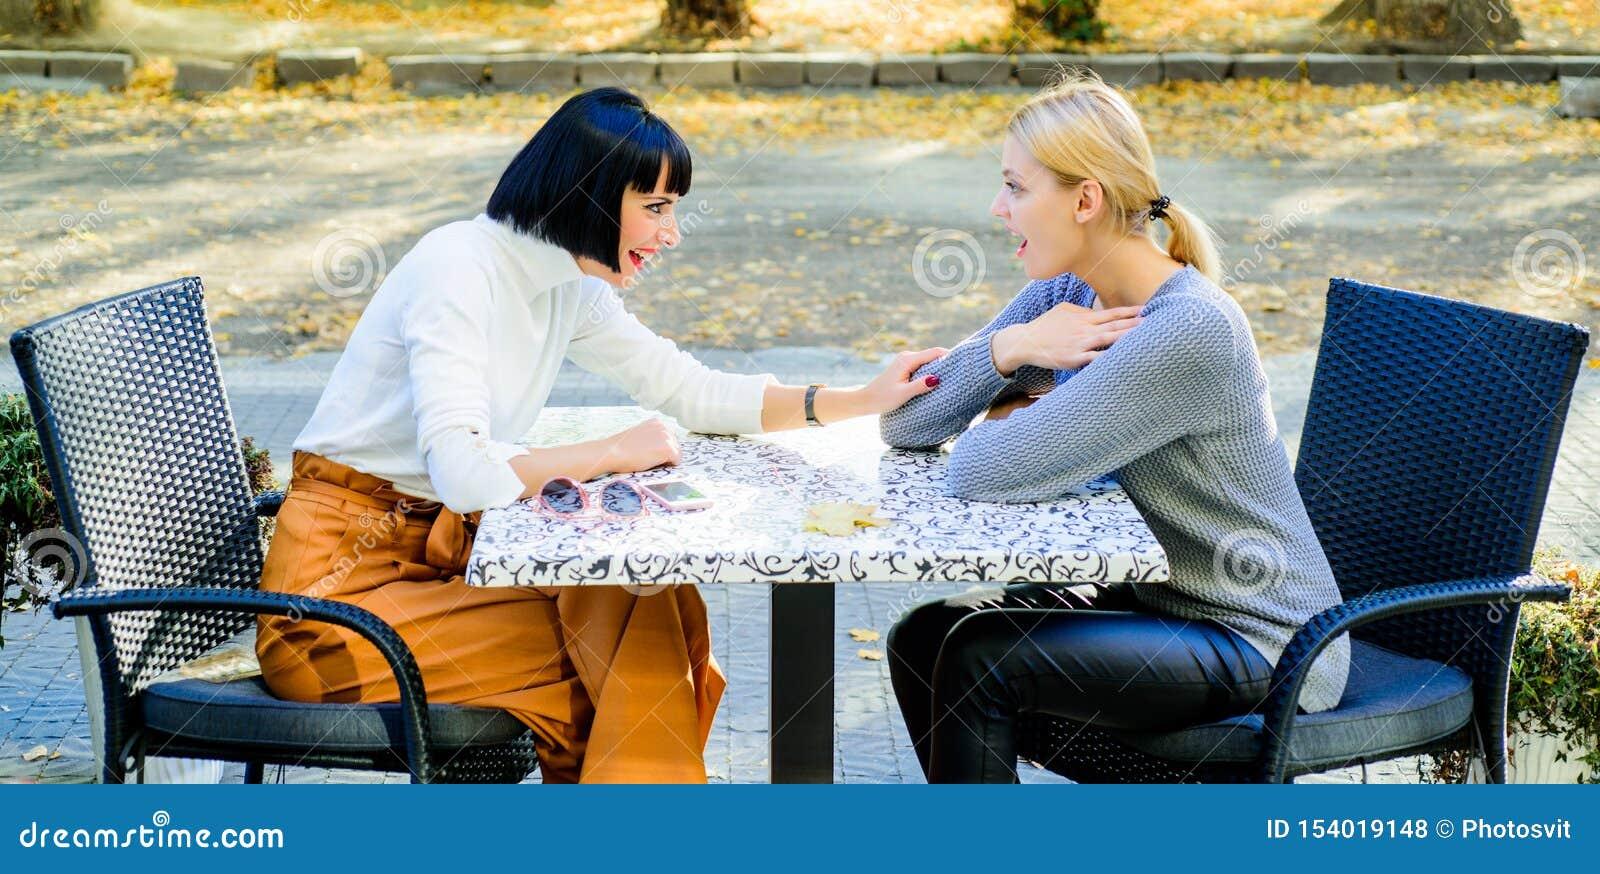 Свободное время с утехой терраса кафа счастливое время завтрака ослабить счастливые девушки друзей тратят время в кафе реальная ж